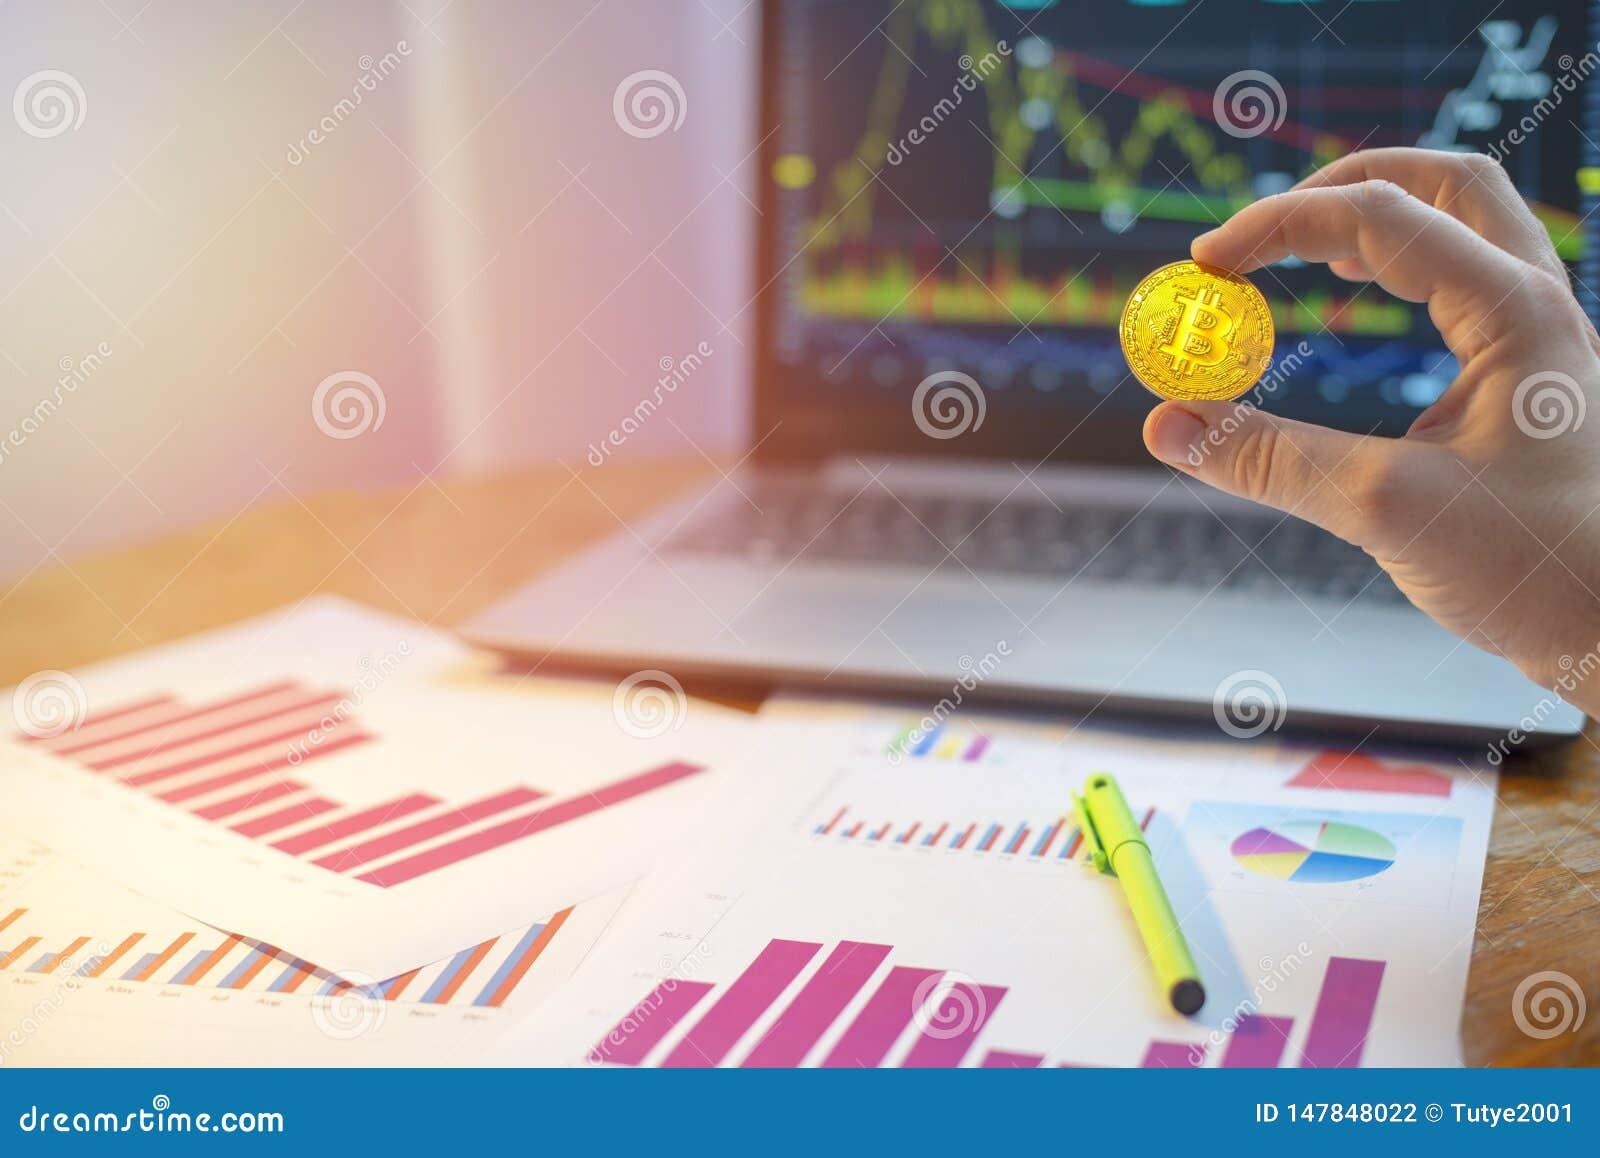 Εκμετάλλευση χεριών bitcoin μπροστά από το lap-top και τα διαγράμματα στο γραφείο